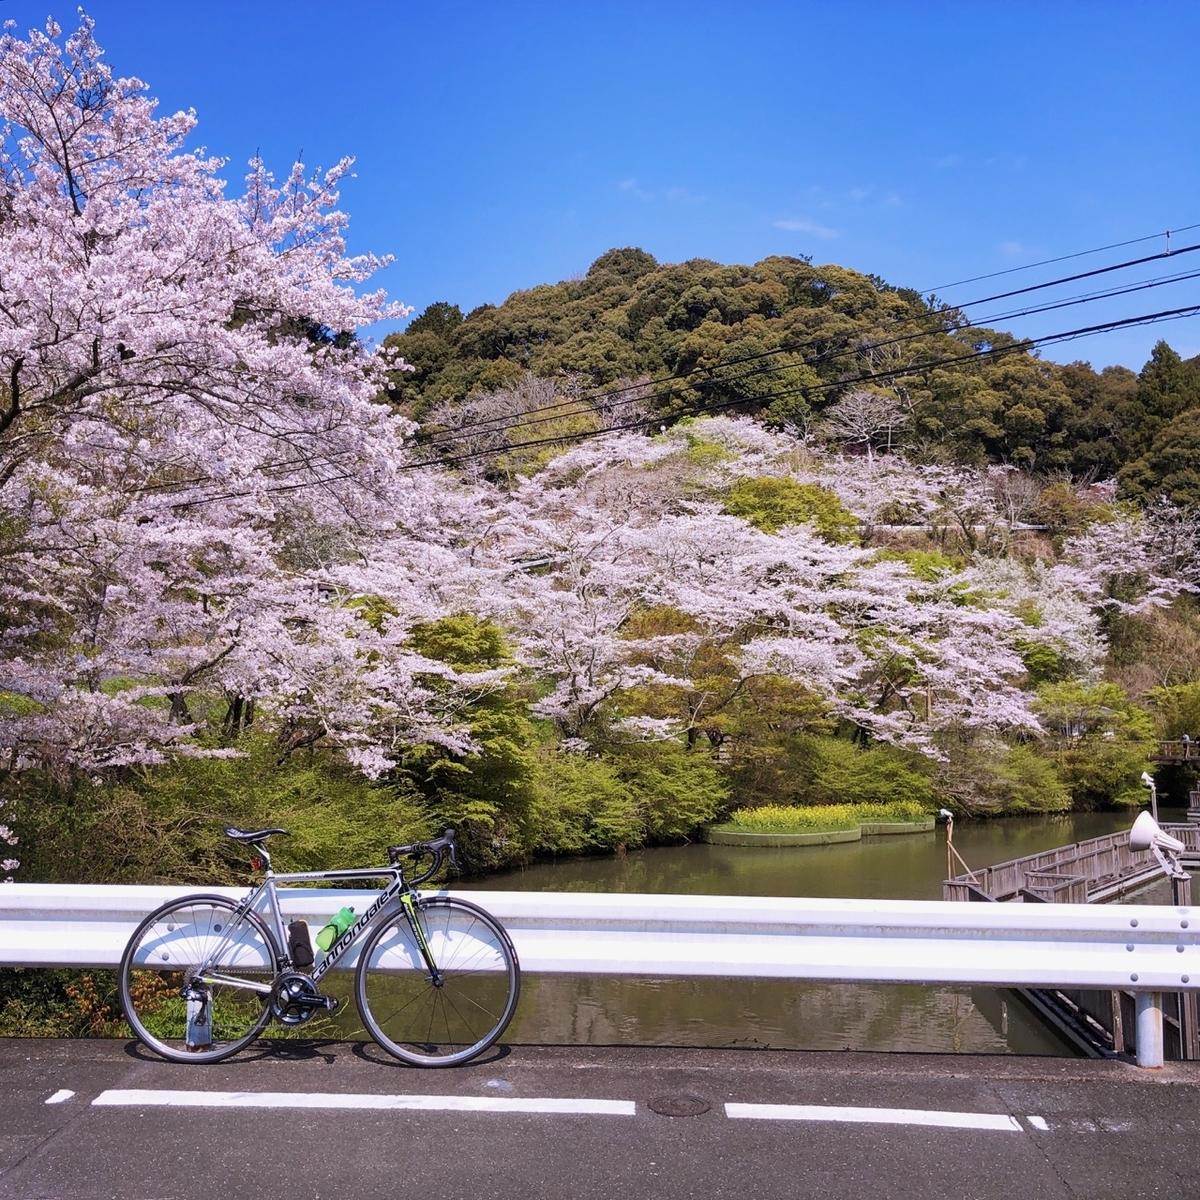 f:id:mick_kamihara:20200404095140j:plain